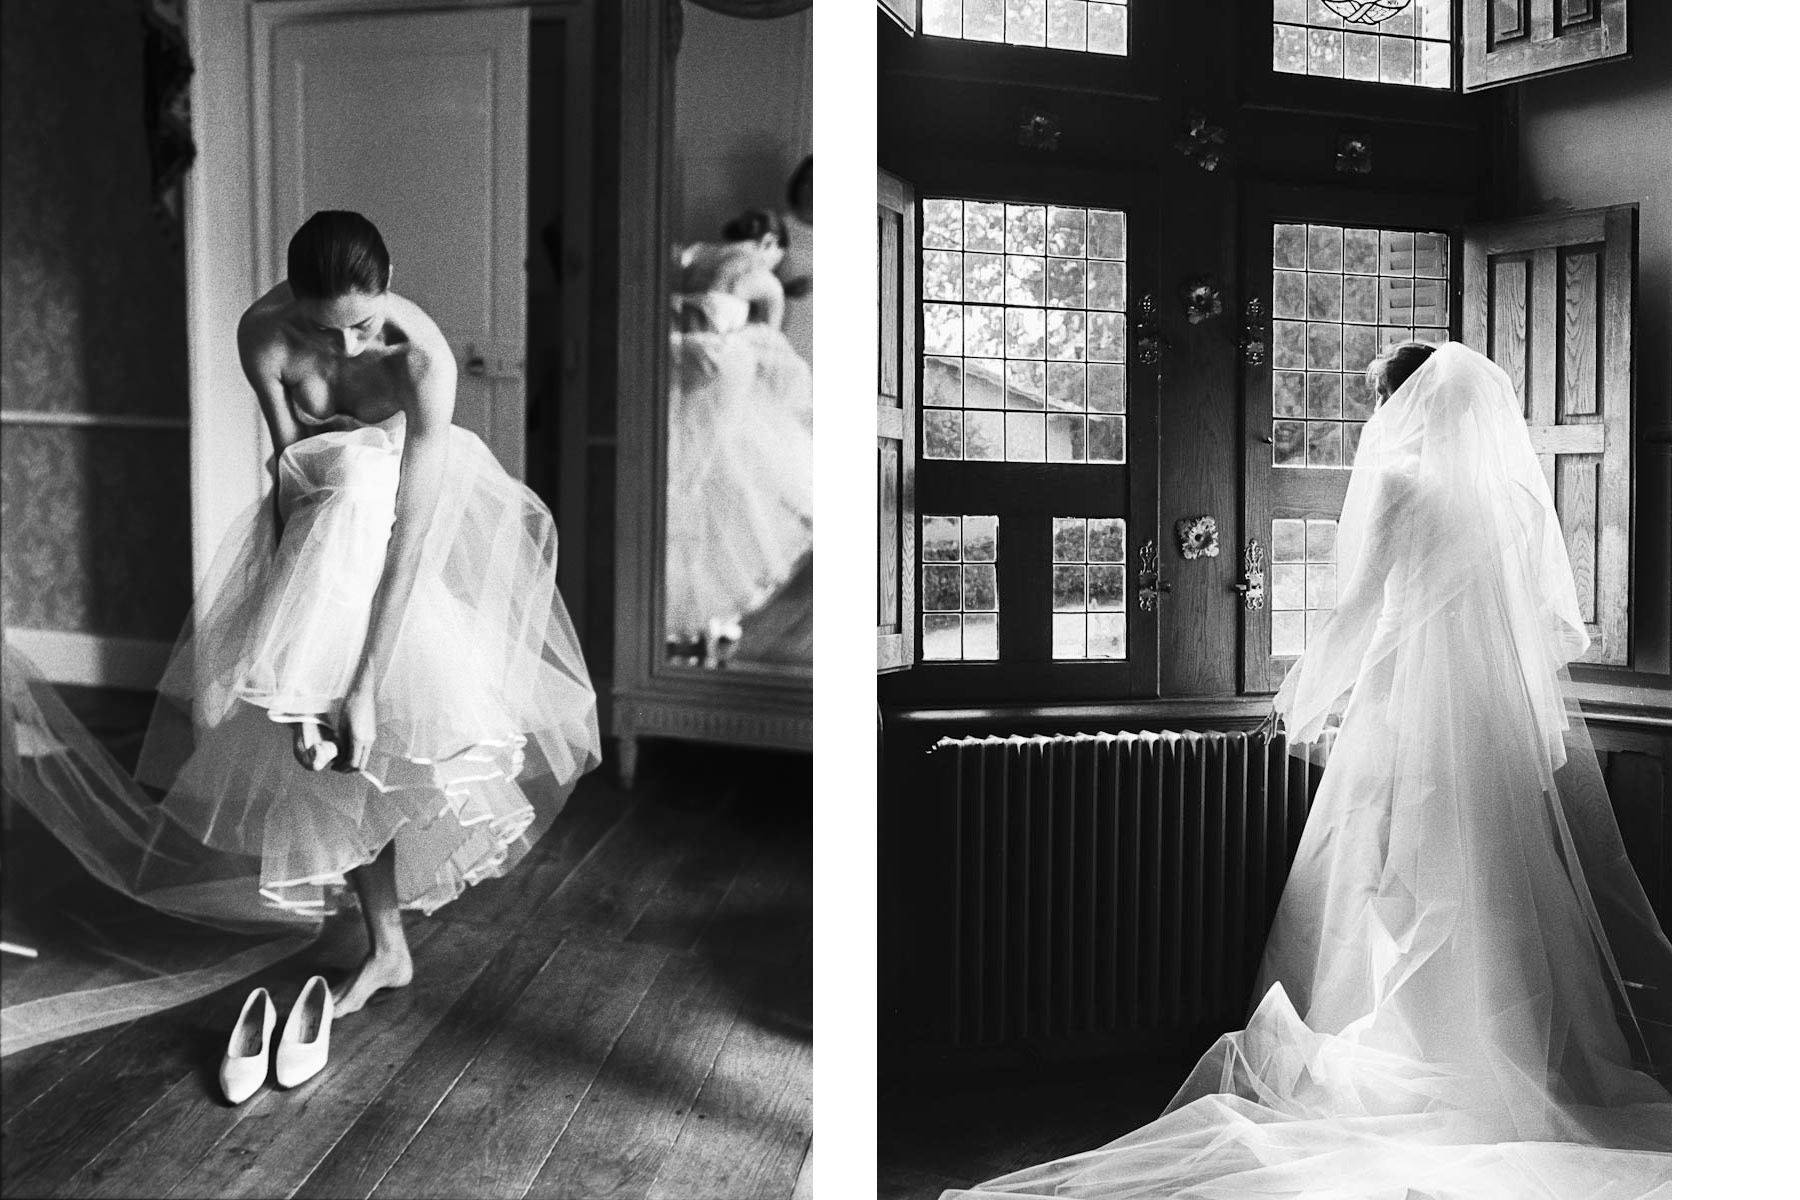 Habillage des mariés